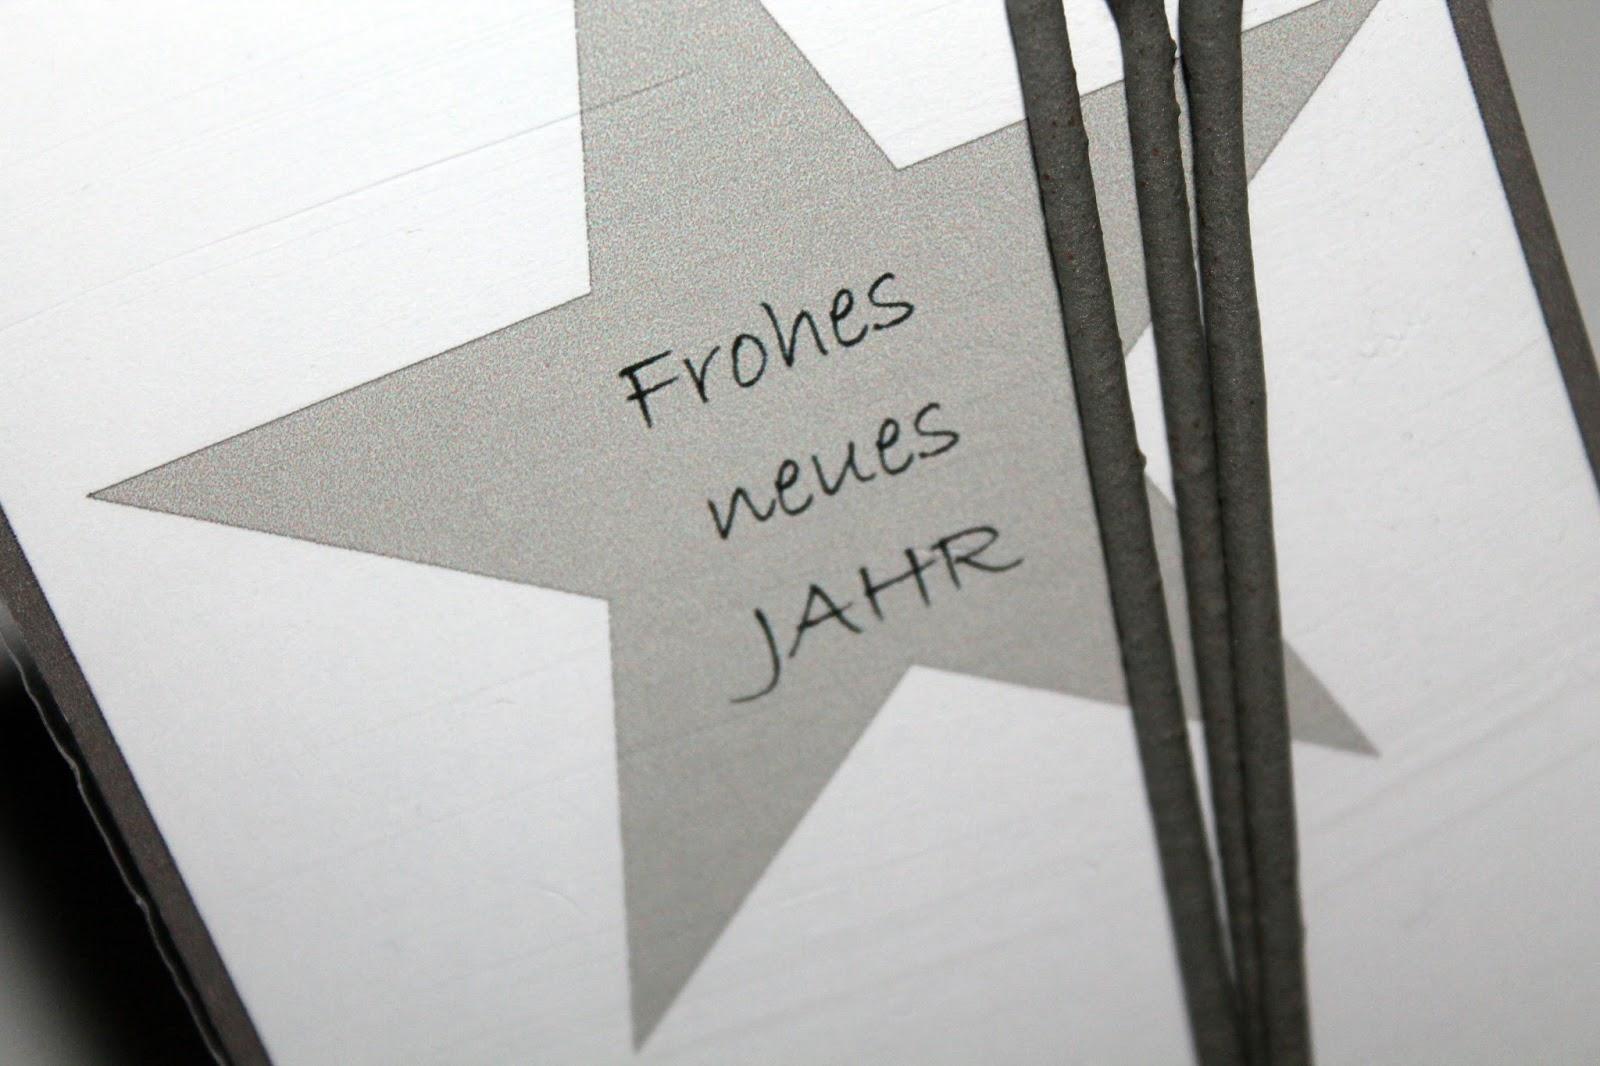 DIY, Basteln: Silvestergeschenk, Mitbringsel, Wunscherfüller Wunderkerzen mit Free Printable in Geschenkidee und Wohndekoration - DIYCarinchen